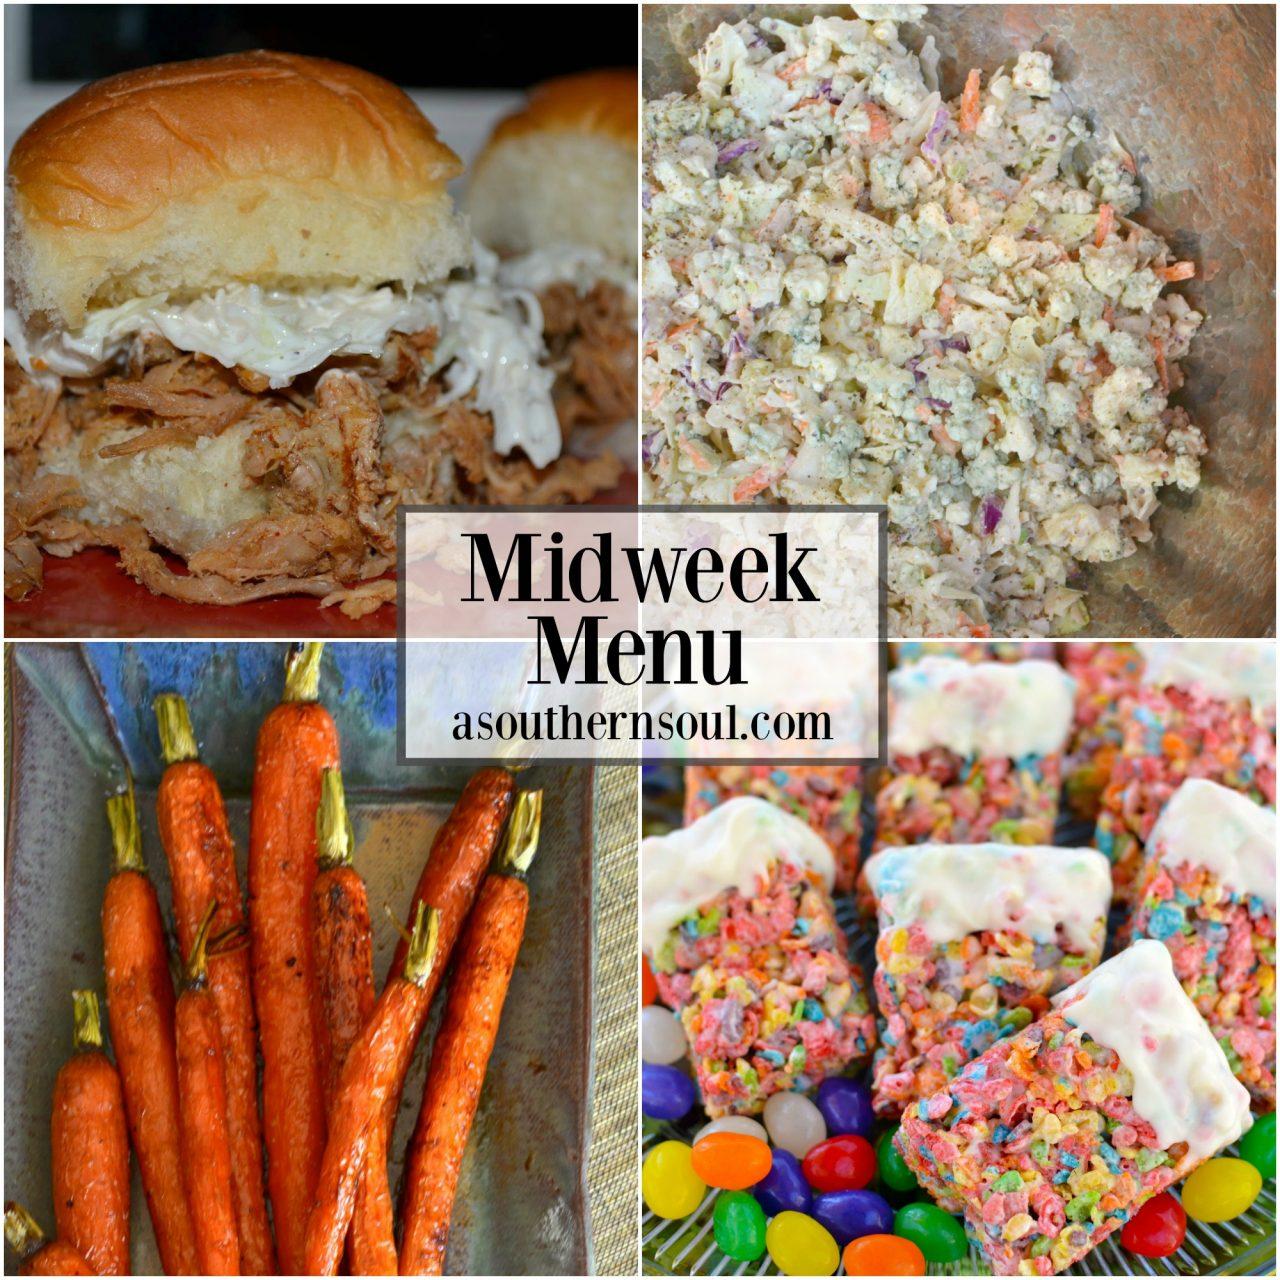 Midweek Menu #11 ~ Pulled Pork Sliders